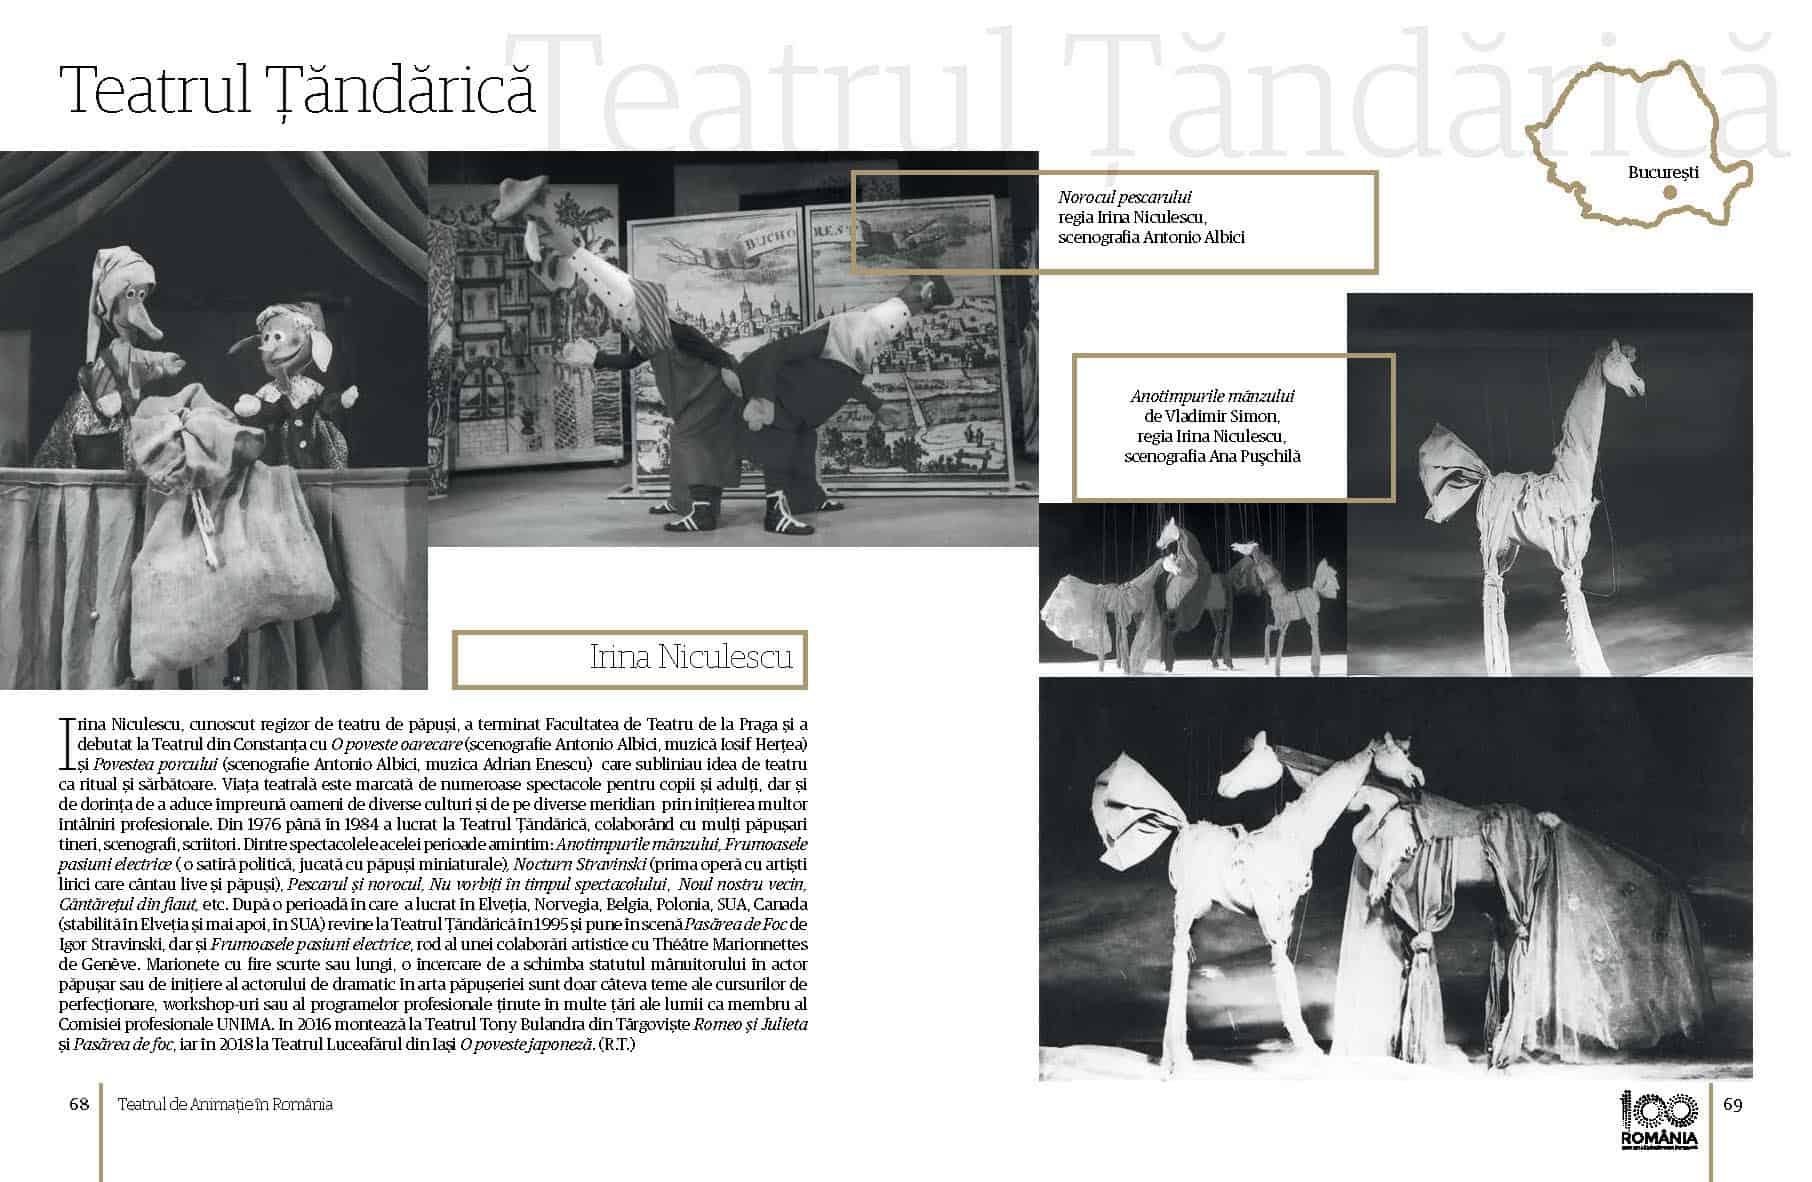 Album Teatrul de Animatie in Romania final preview fata in fata Page 35